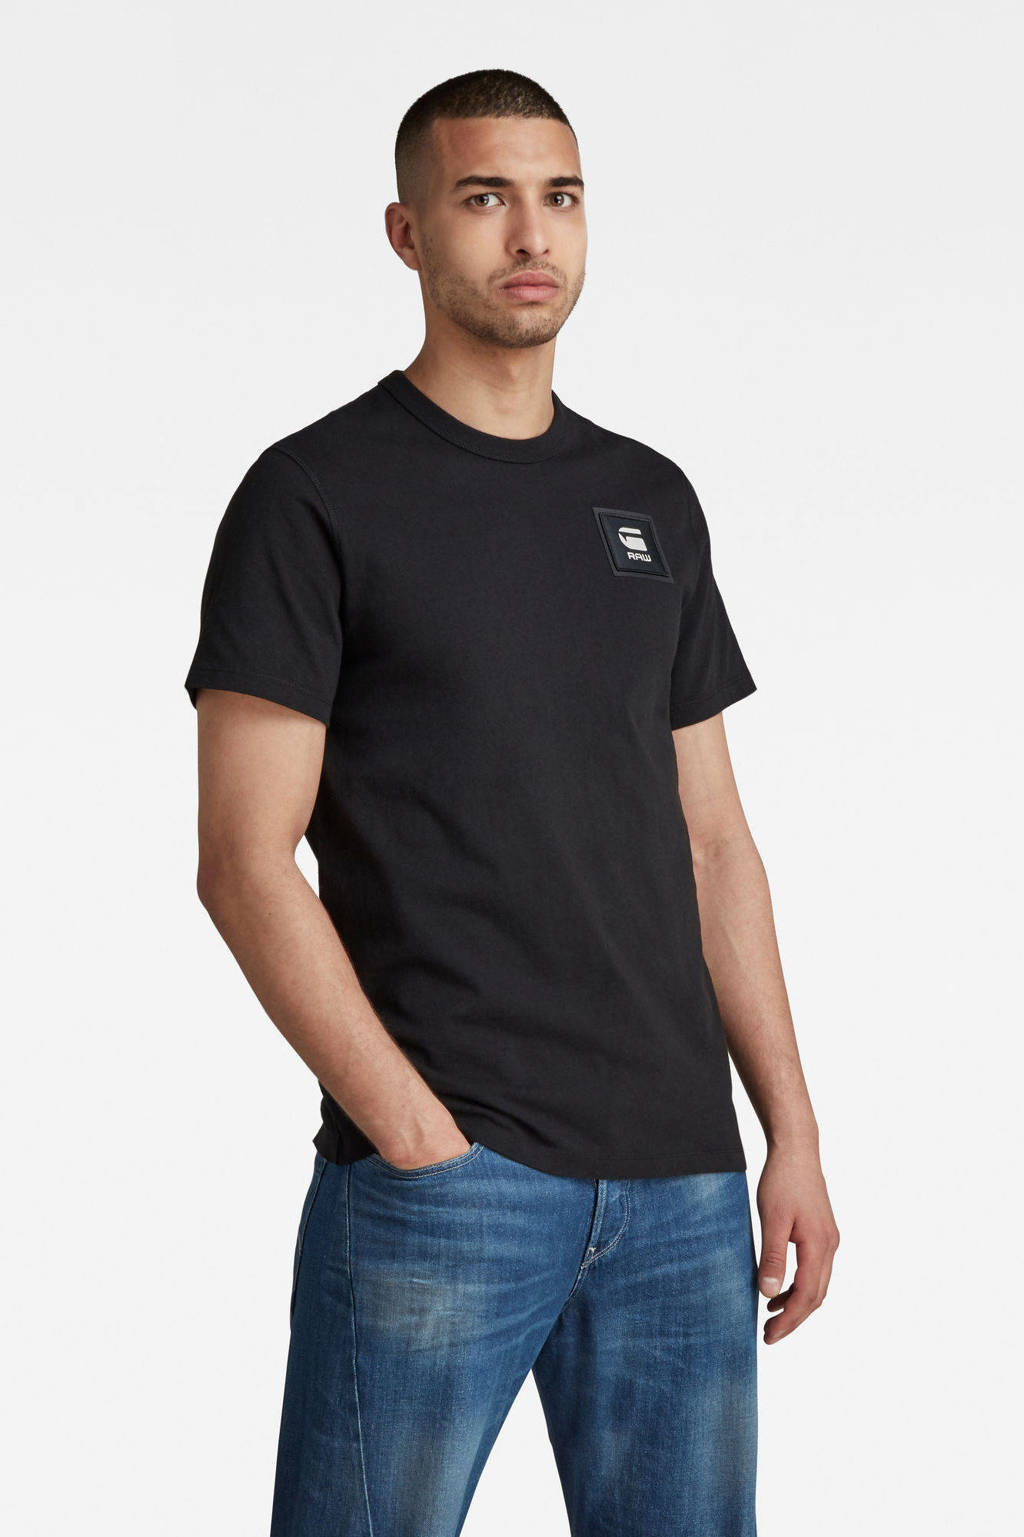 G-Star RAW T-shirt van biologisch katoen zwart, Zwart